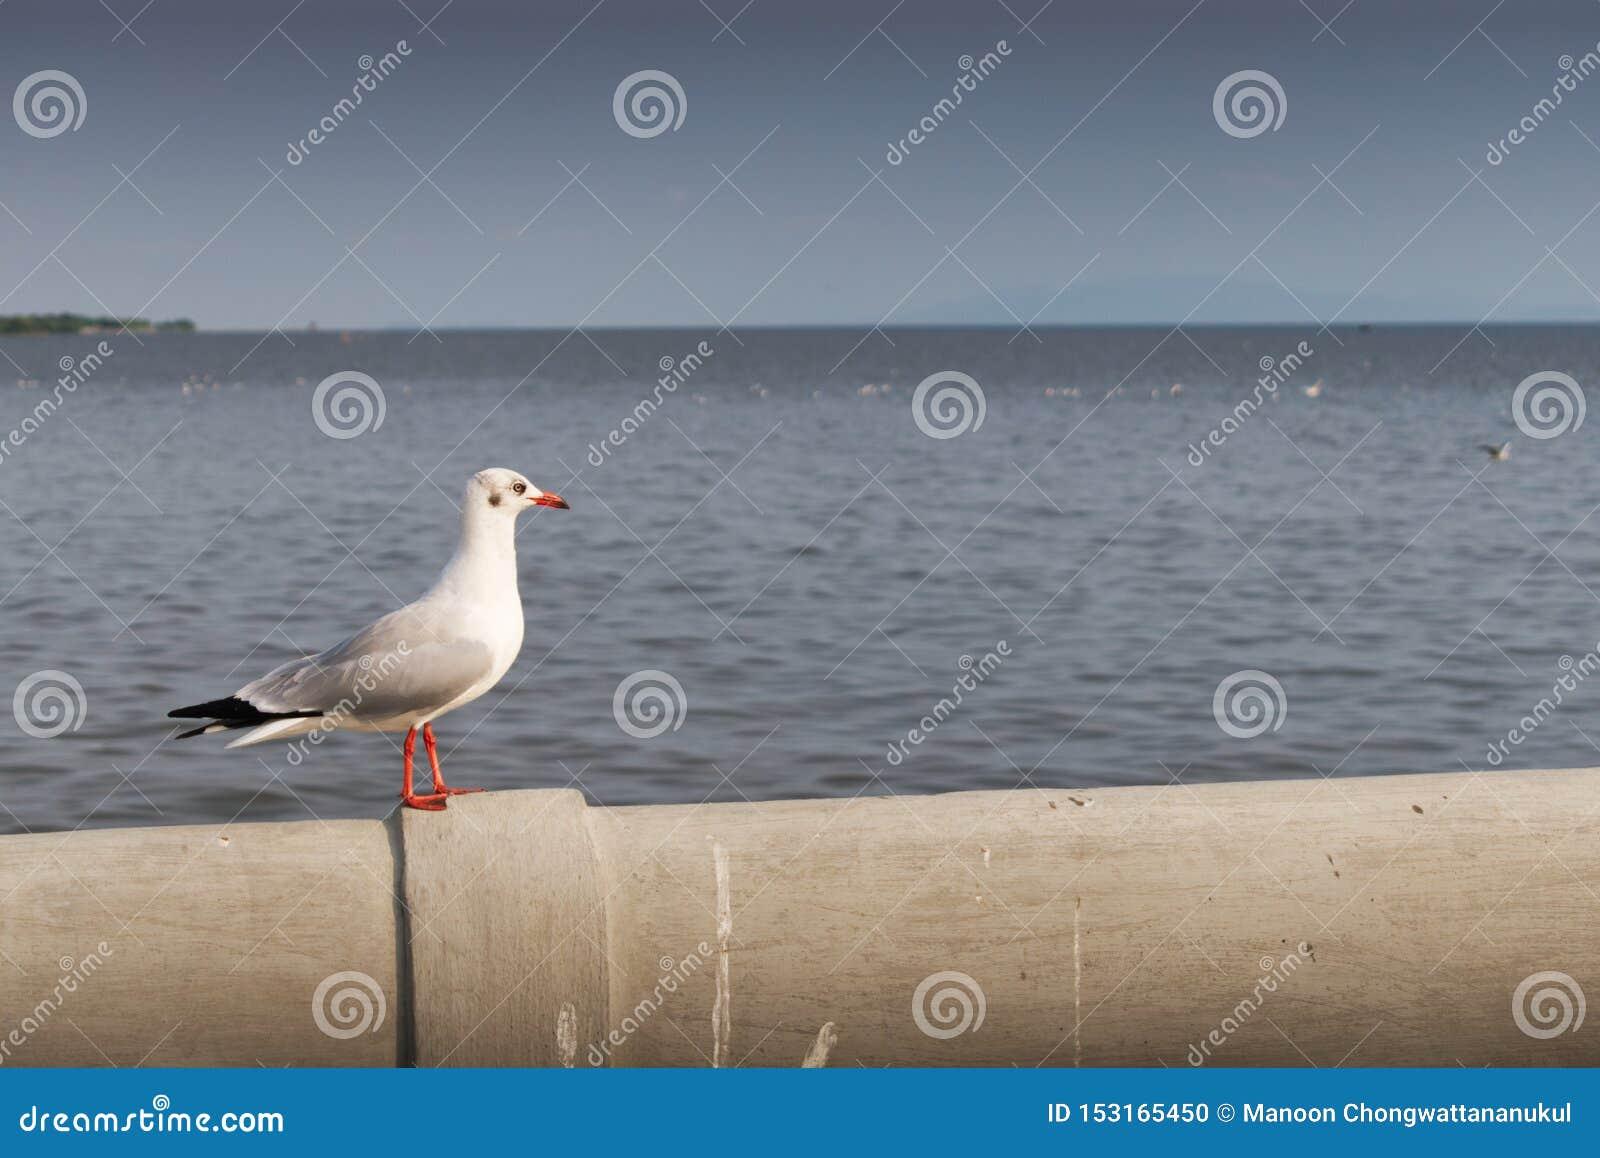 Seagull stoi samotnie przyglądającego za morzu